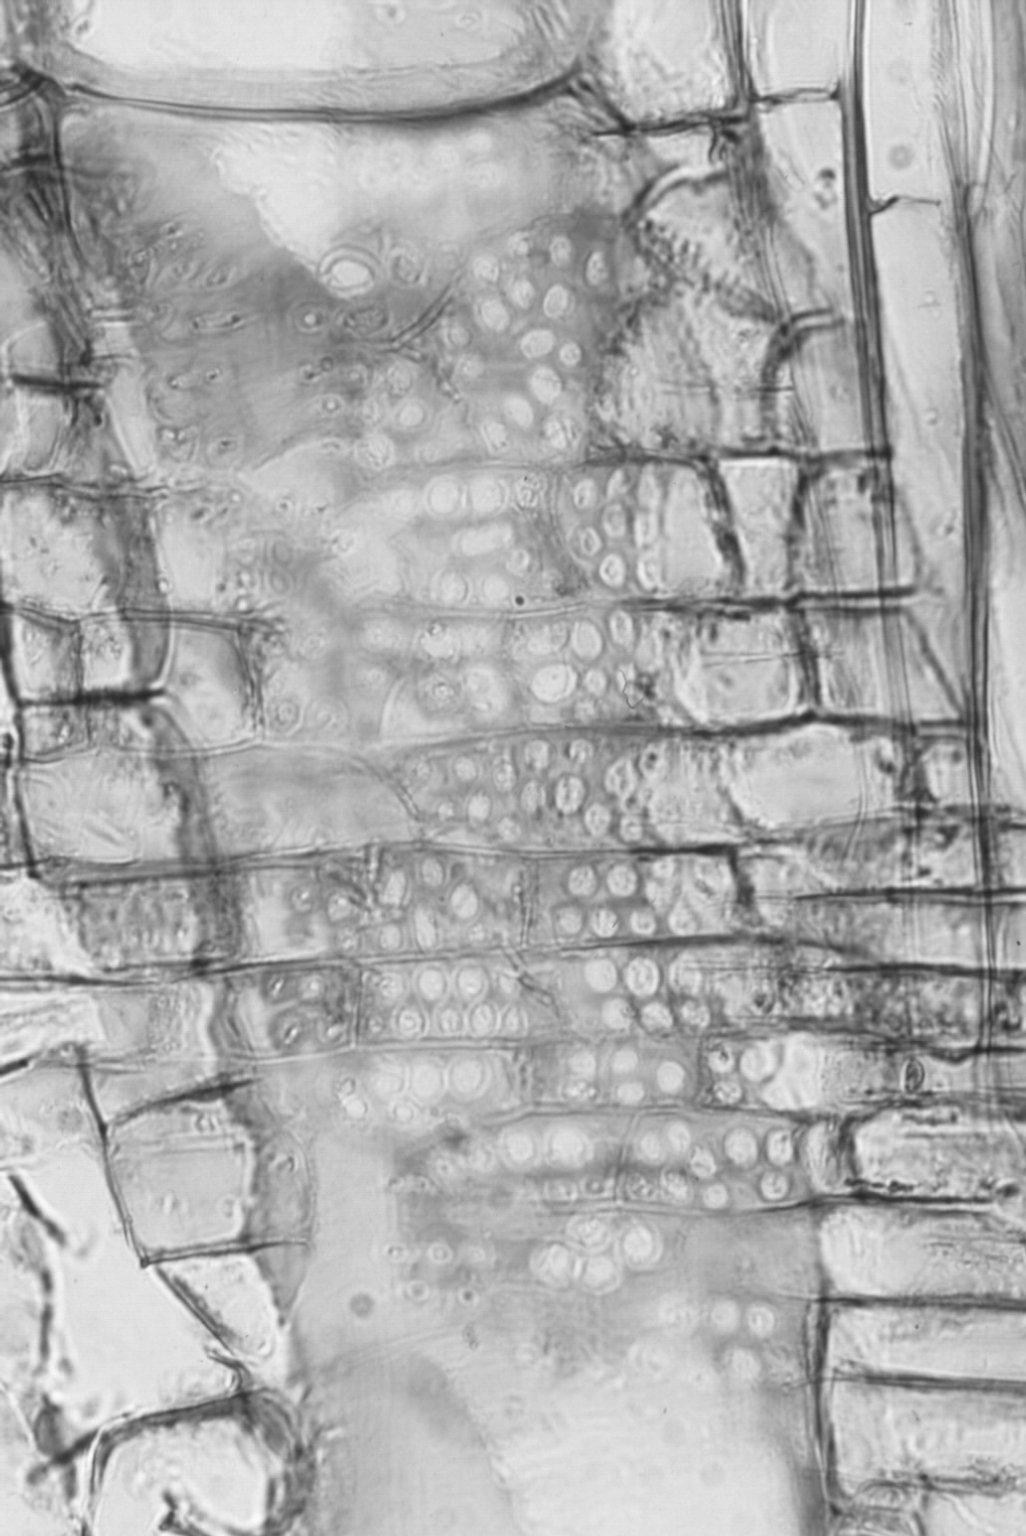 LAURACEAE Umbellularia californica